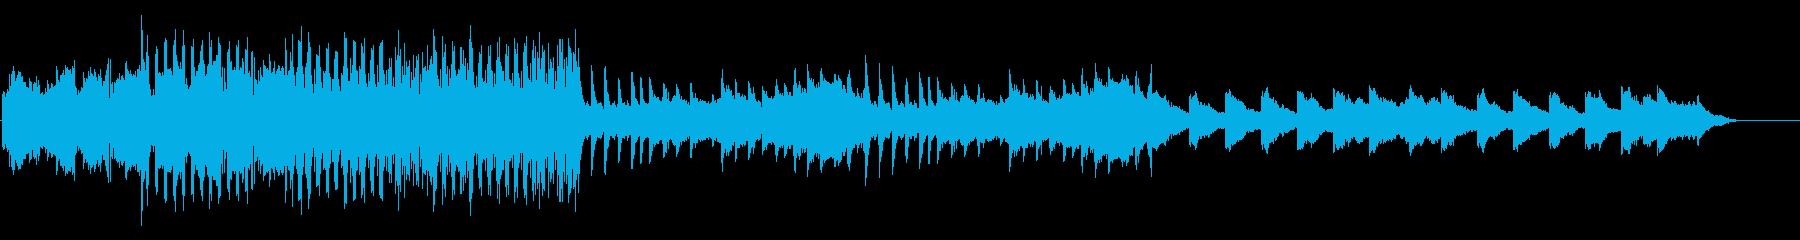 哀愁漂う美しいエレピ、ピアノ、チェレスタの再生済みの波形